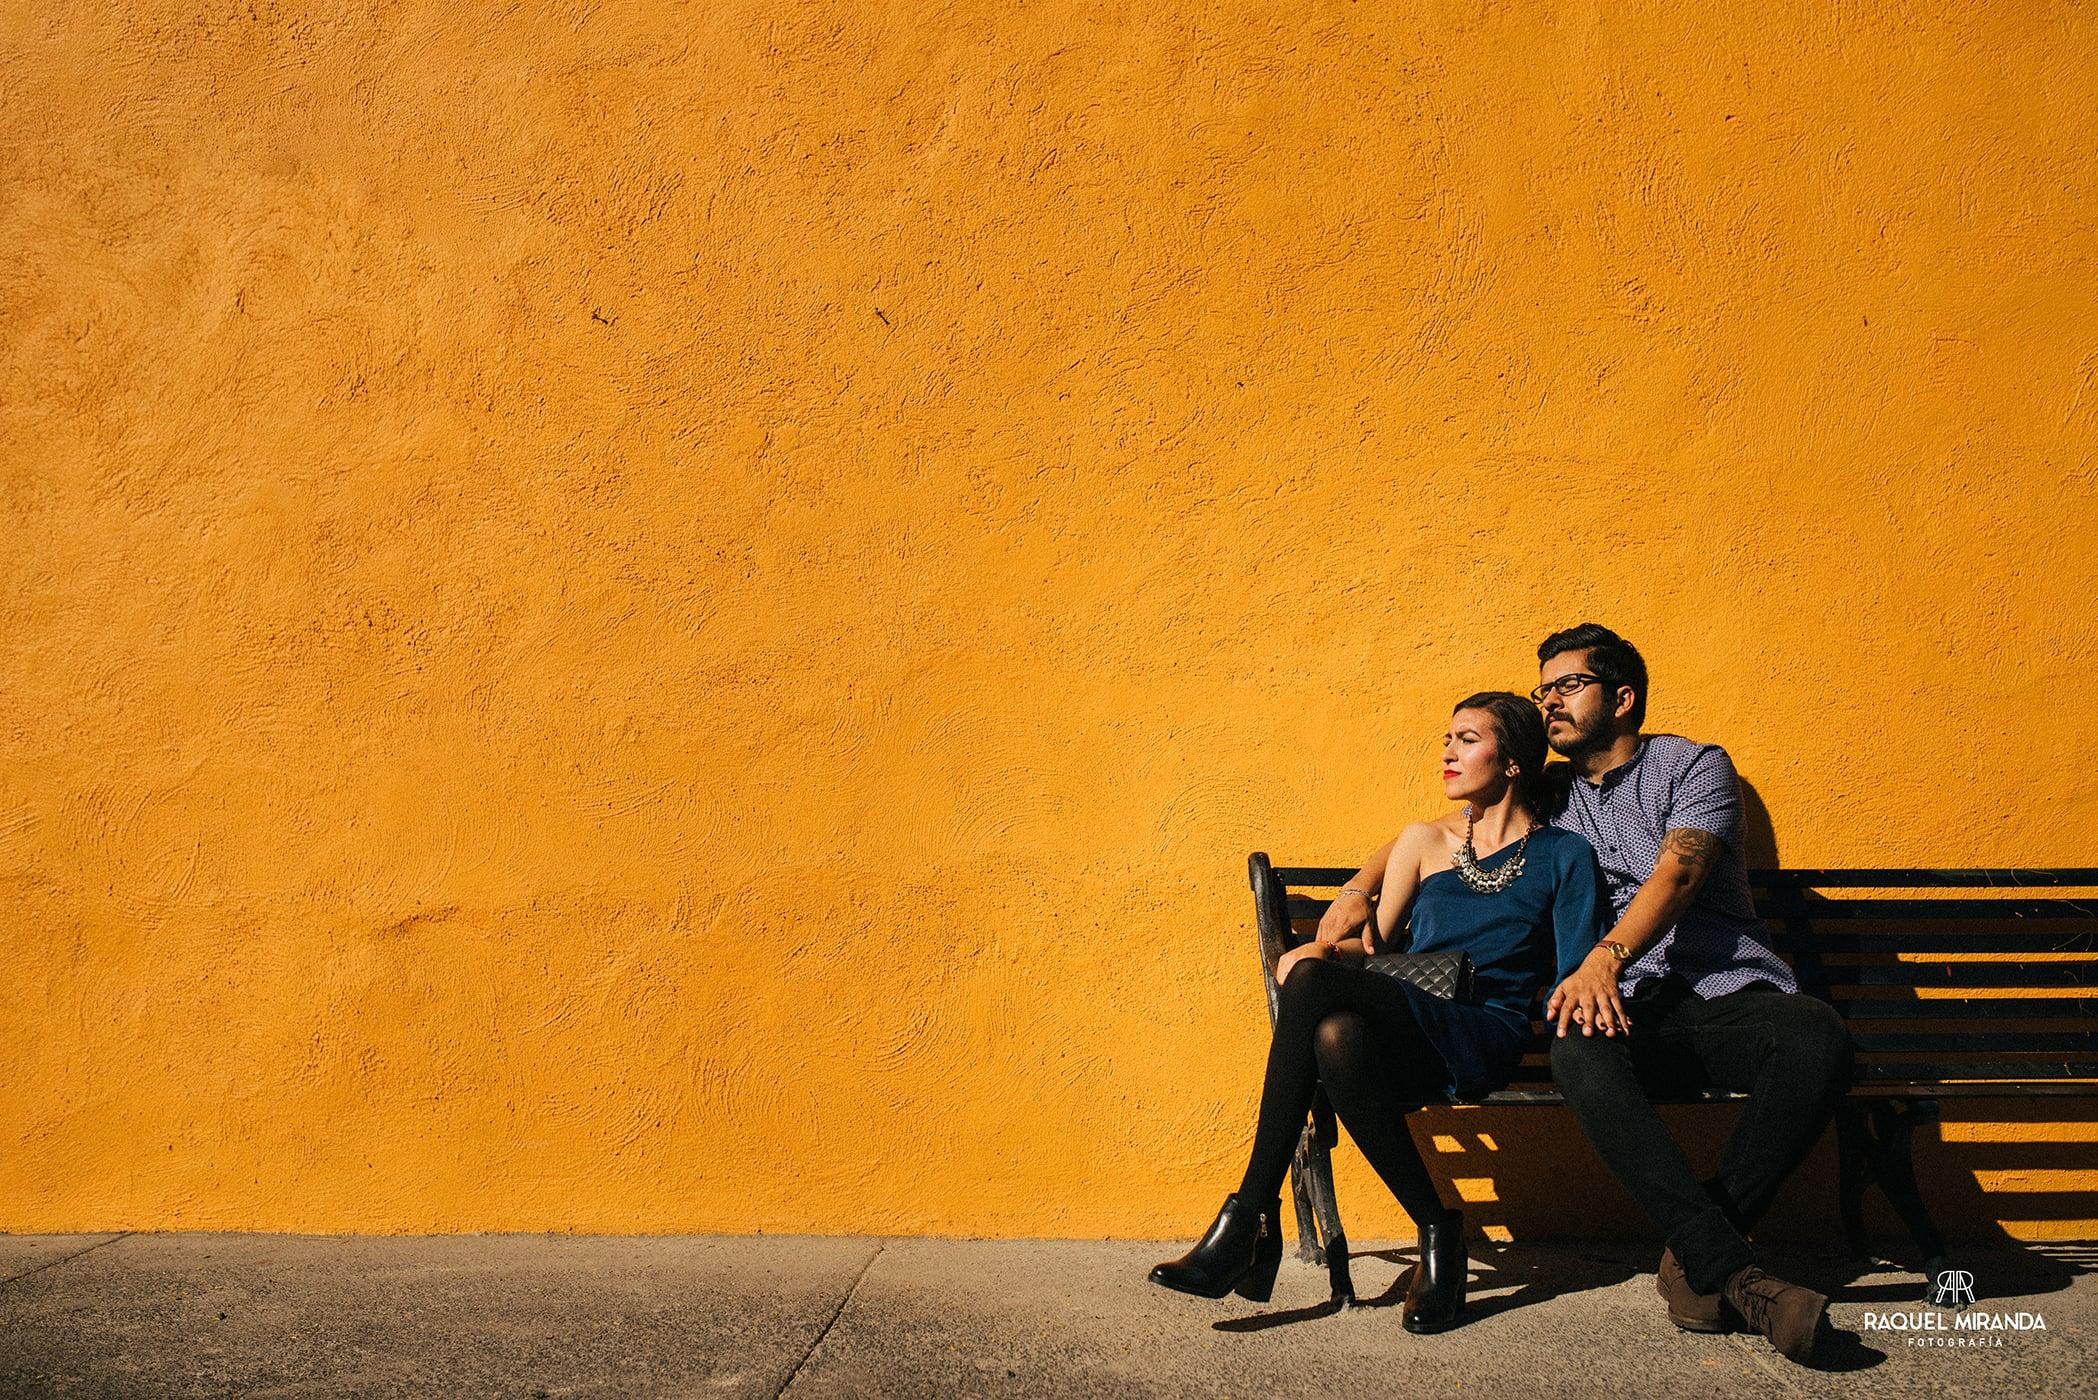 raquel miranda fotografía | sesión | angela&alvaro-30.jpg